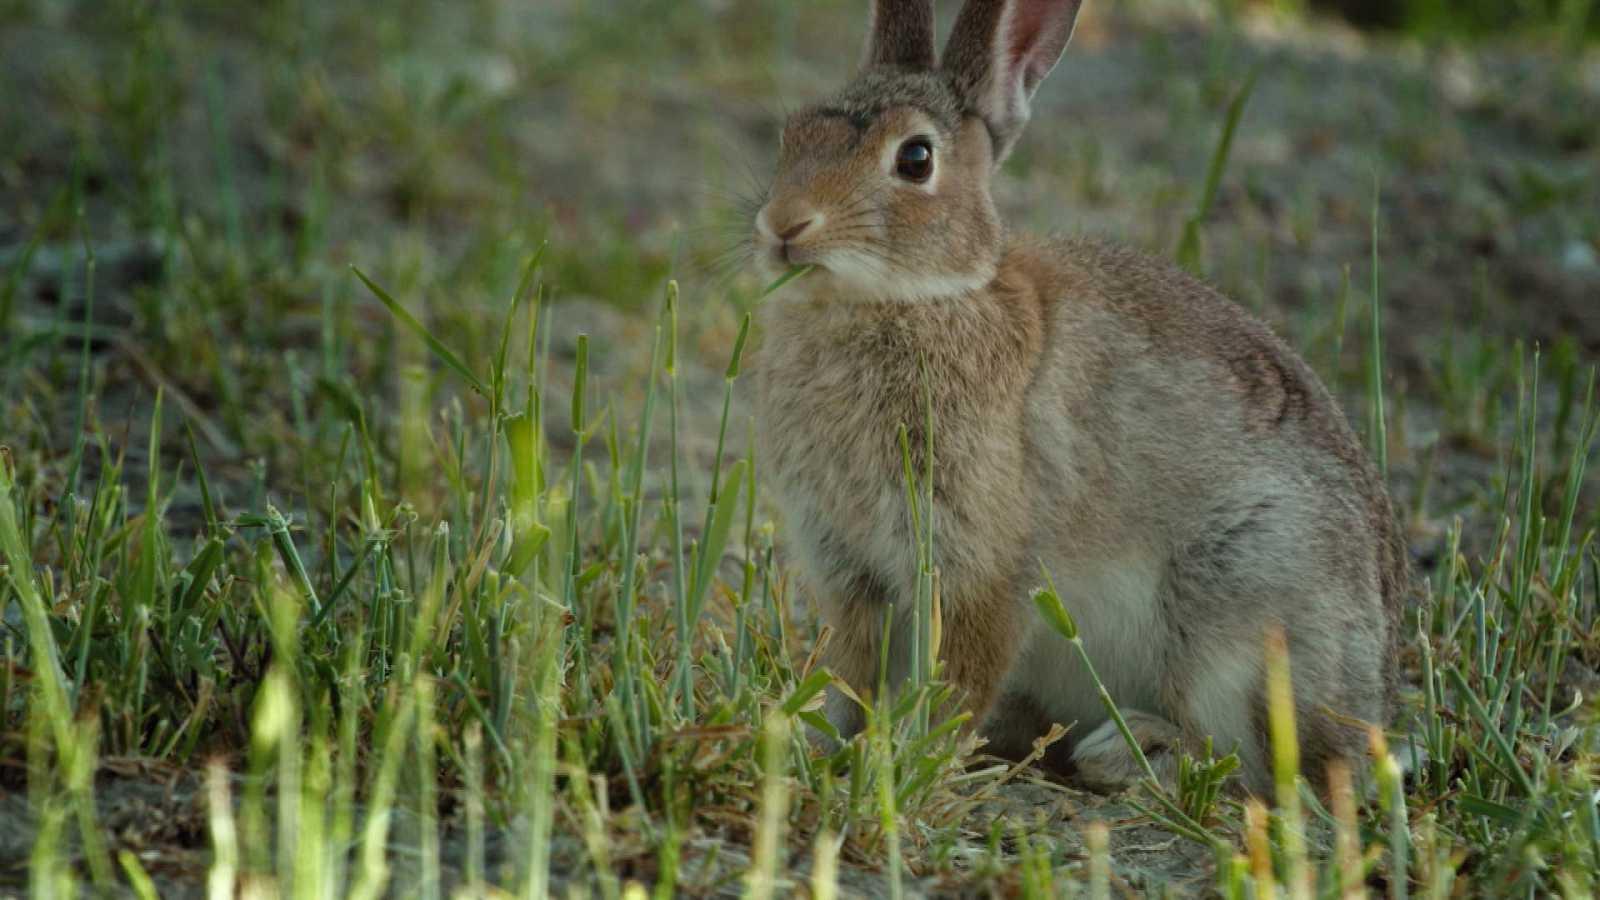 ¡Qué animal! - ¿Cuándo se empezaron a domesticar los conejos?